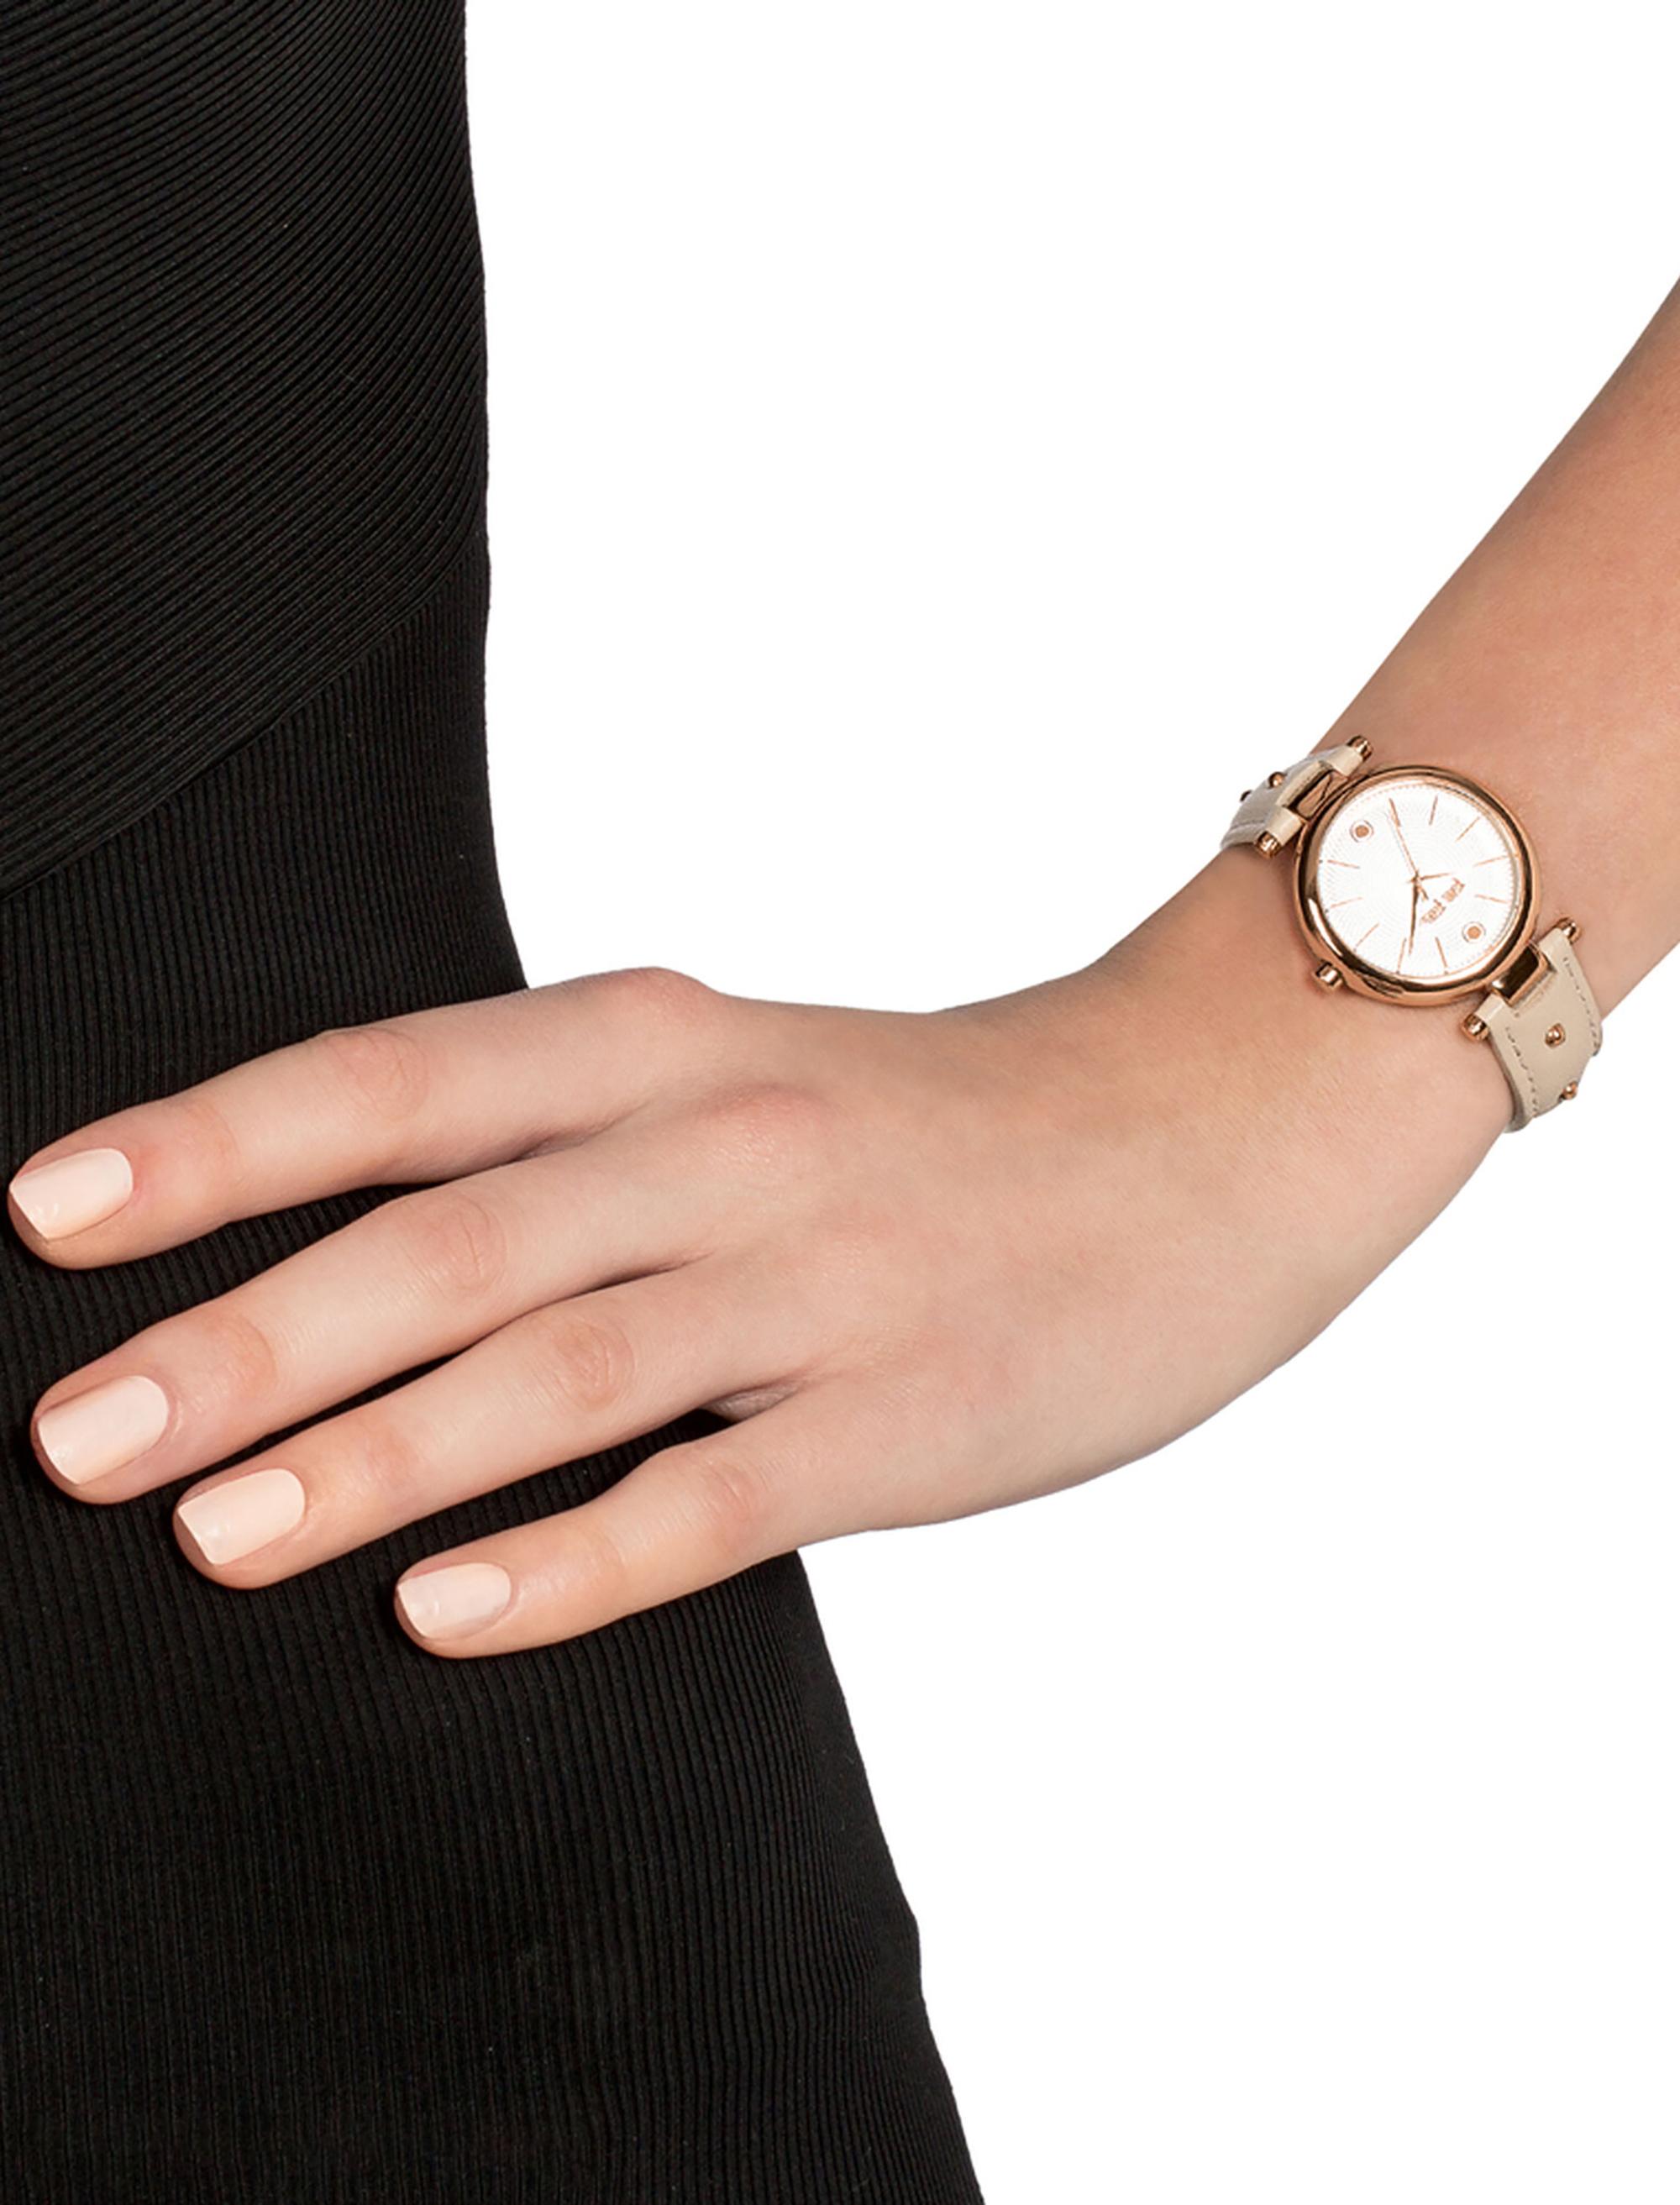 ساعت مچی عقربه ای زنانه فولی فولیه مدل WF18R001SPS-Pi (بدون جعبه اورجینال)              ارزان